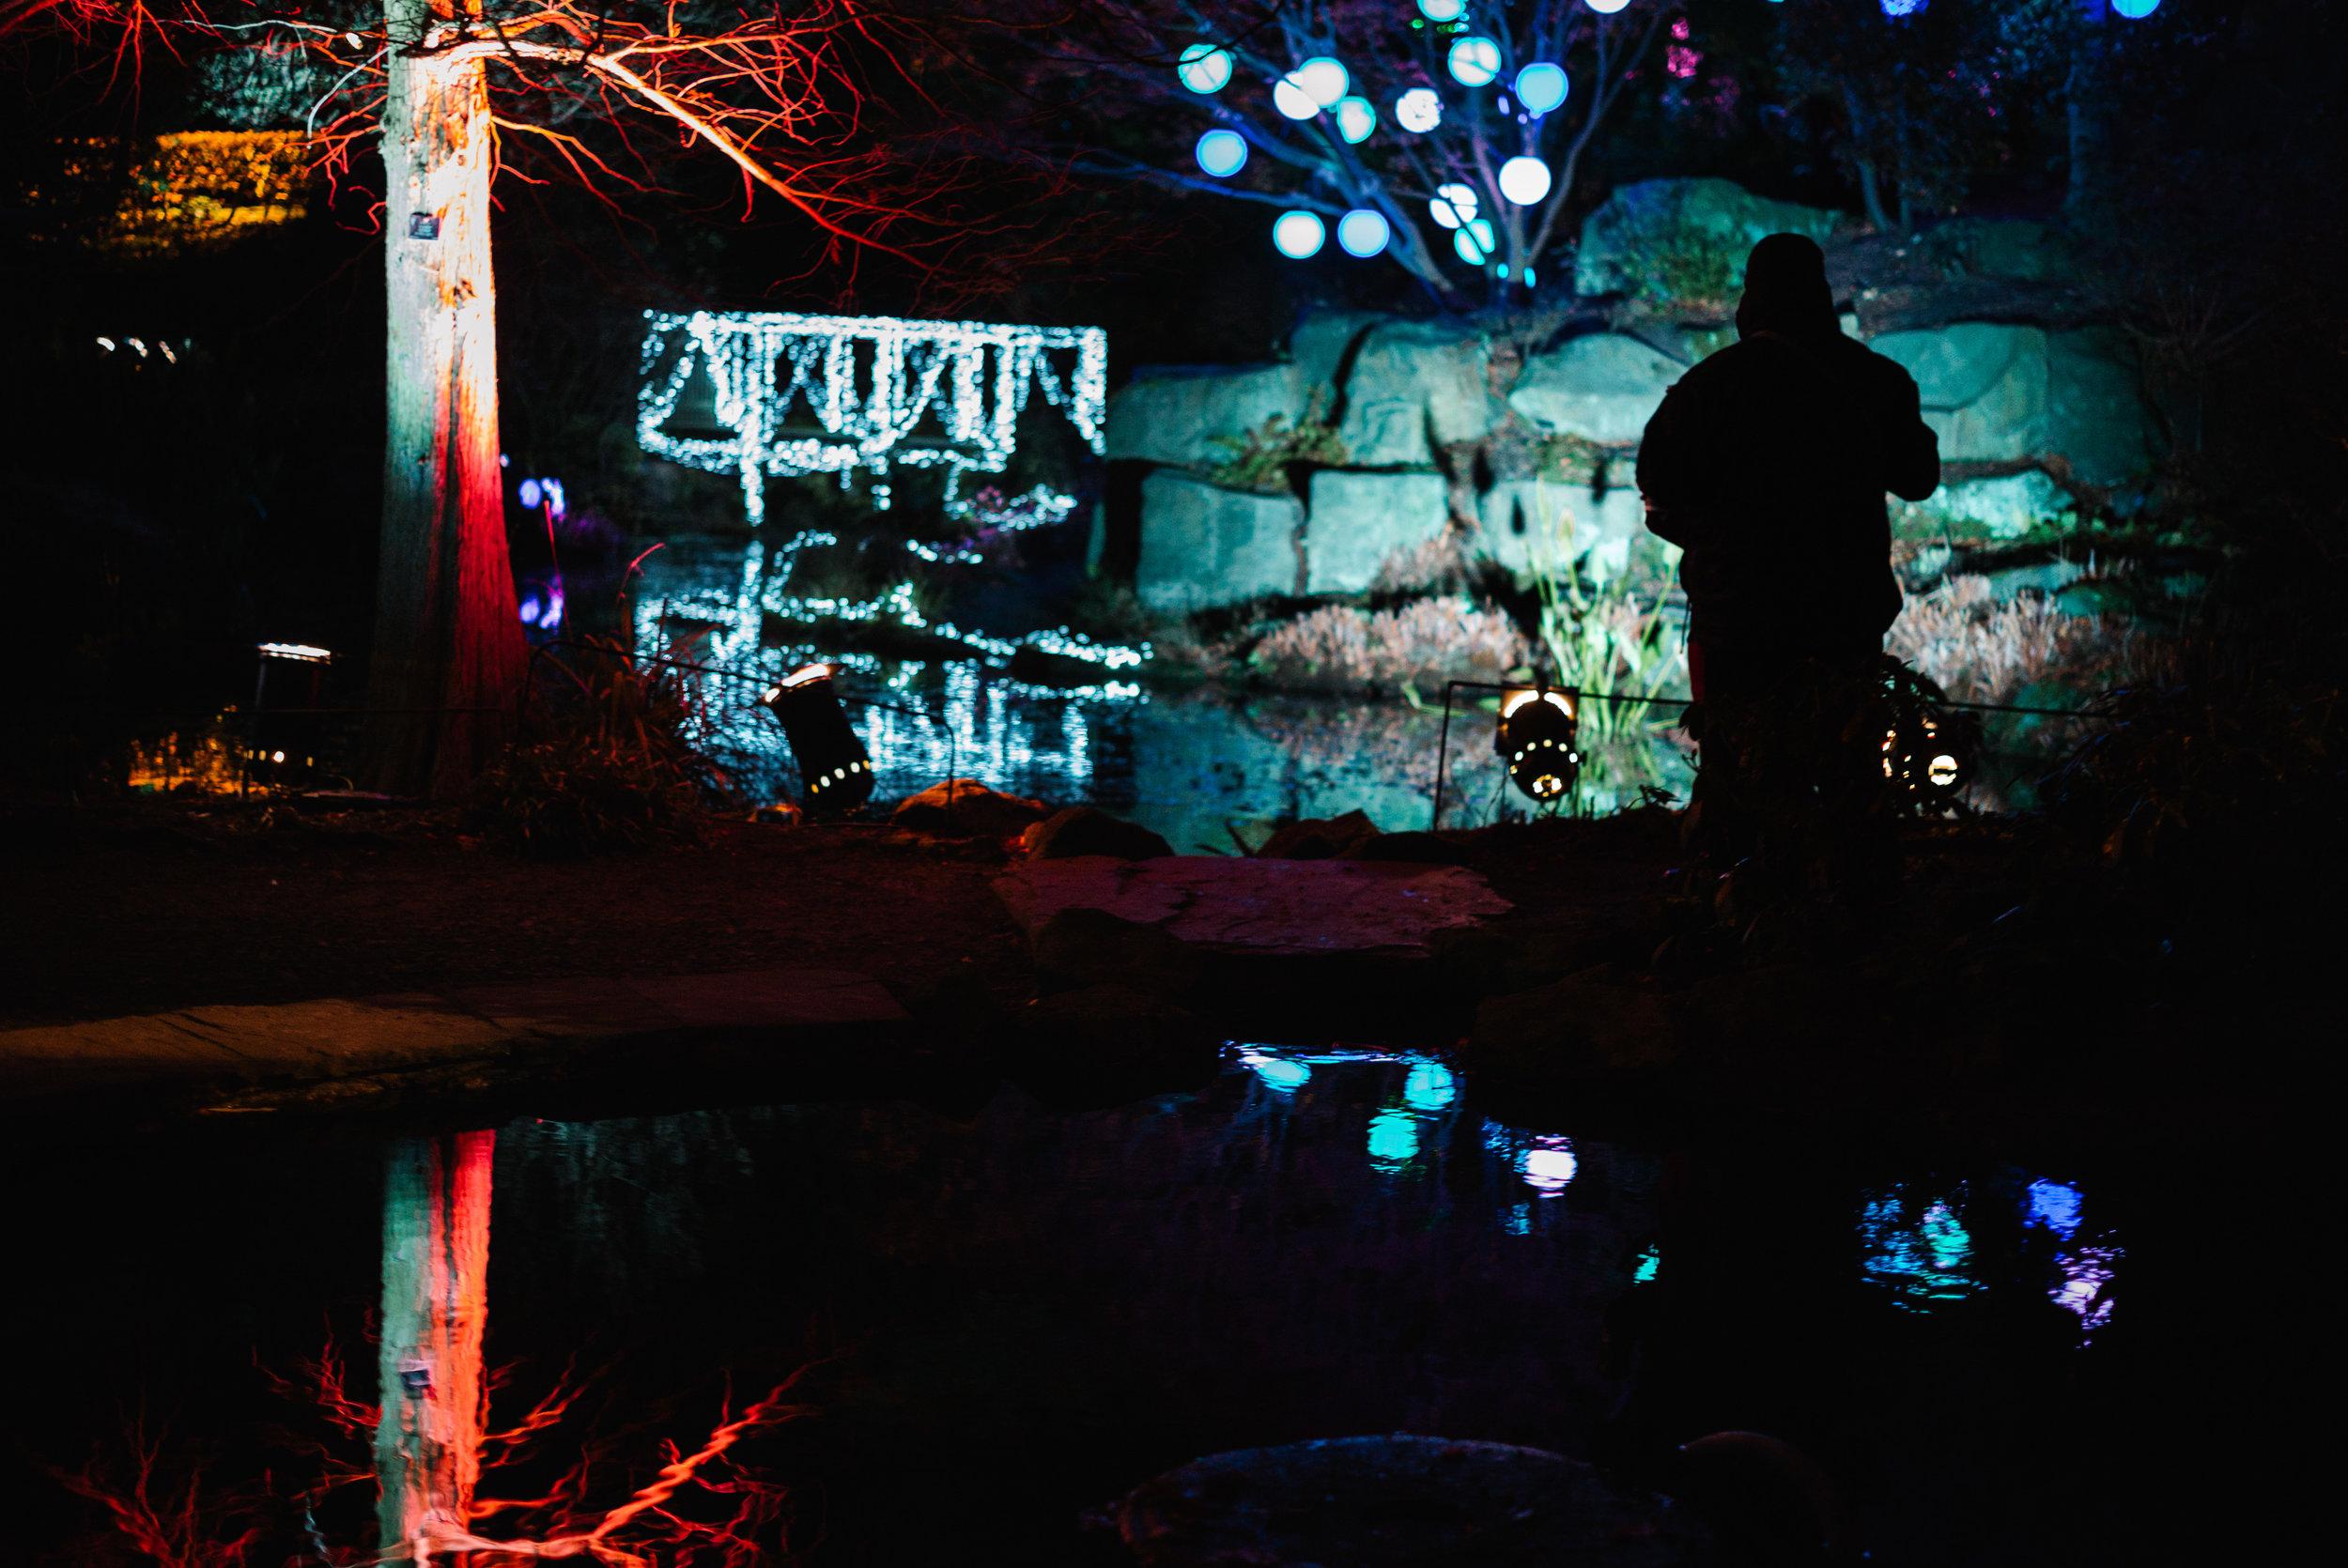 Birmingham Botanical Gardens - Clifford Darby 2017